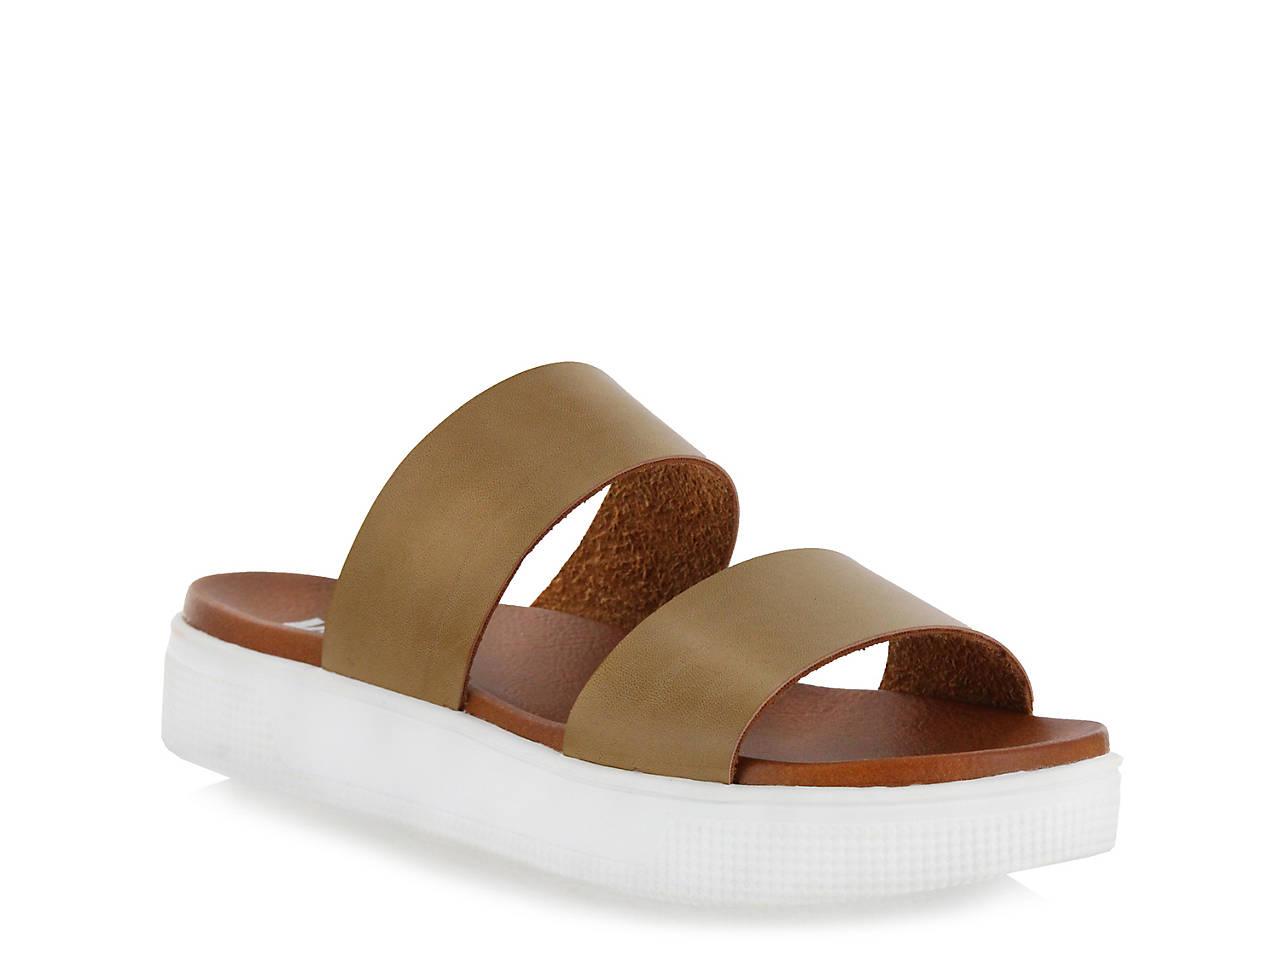 eb0840f4bffd Mia Saige Platform Sandal Women s Shoes